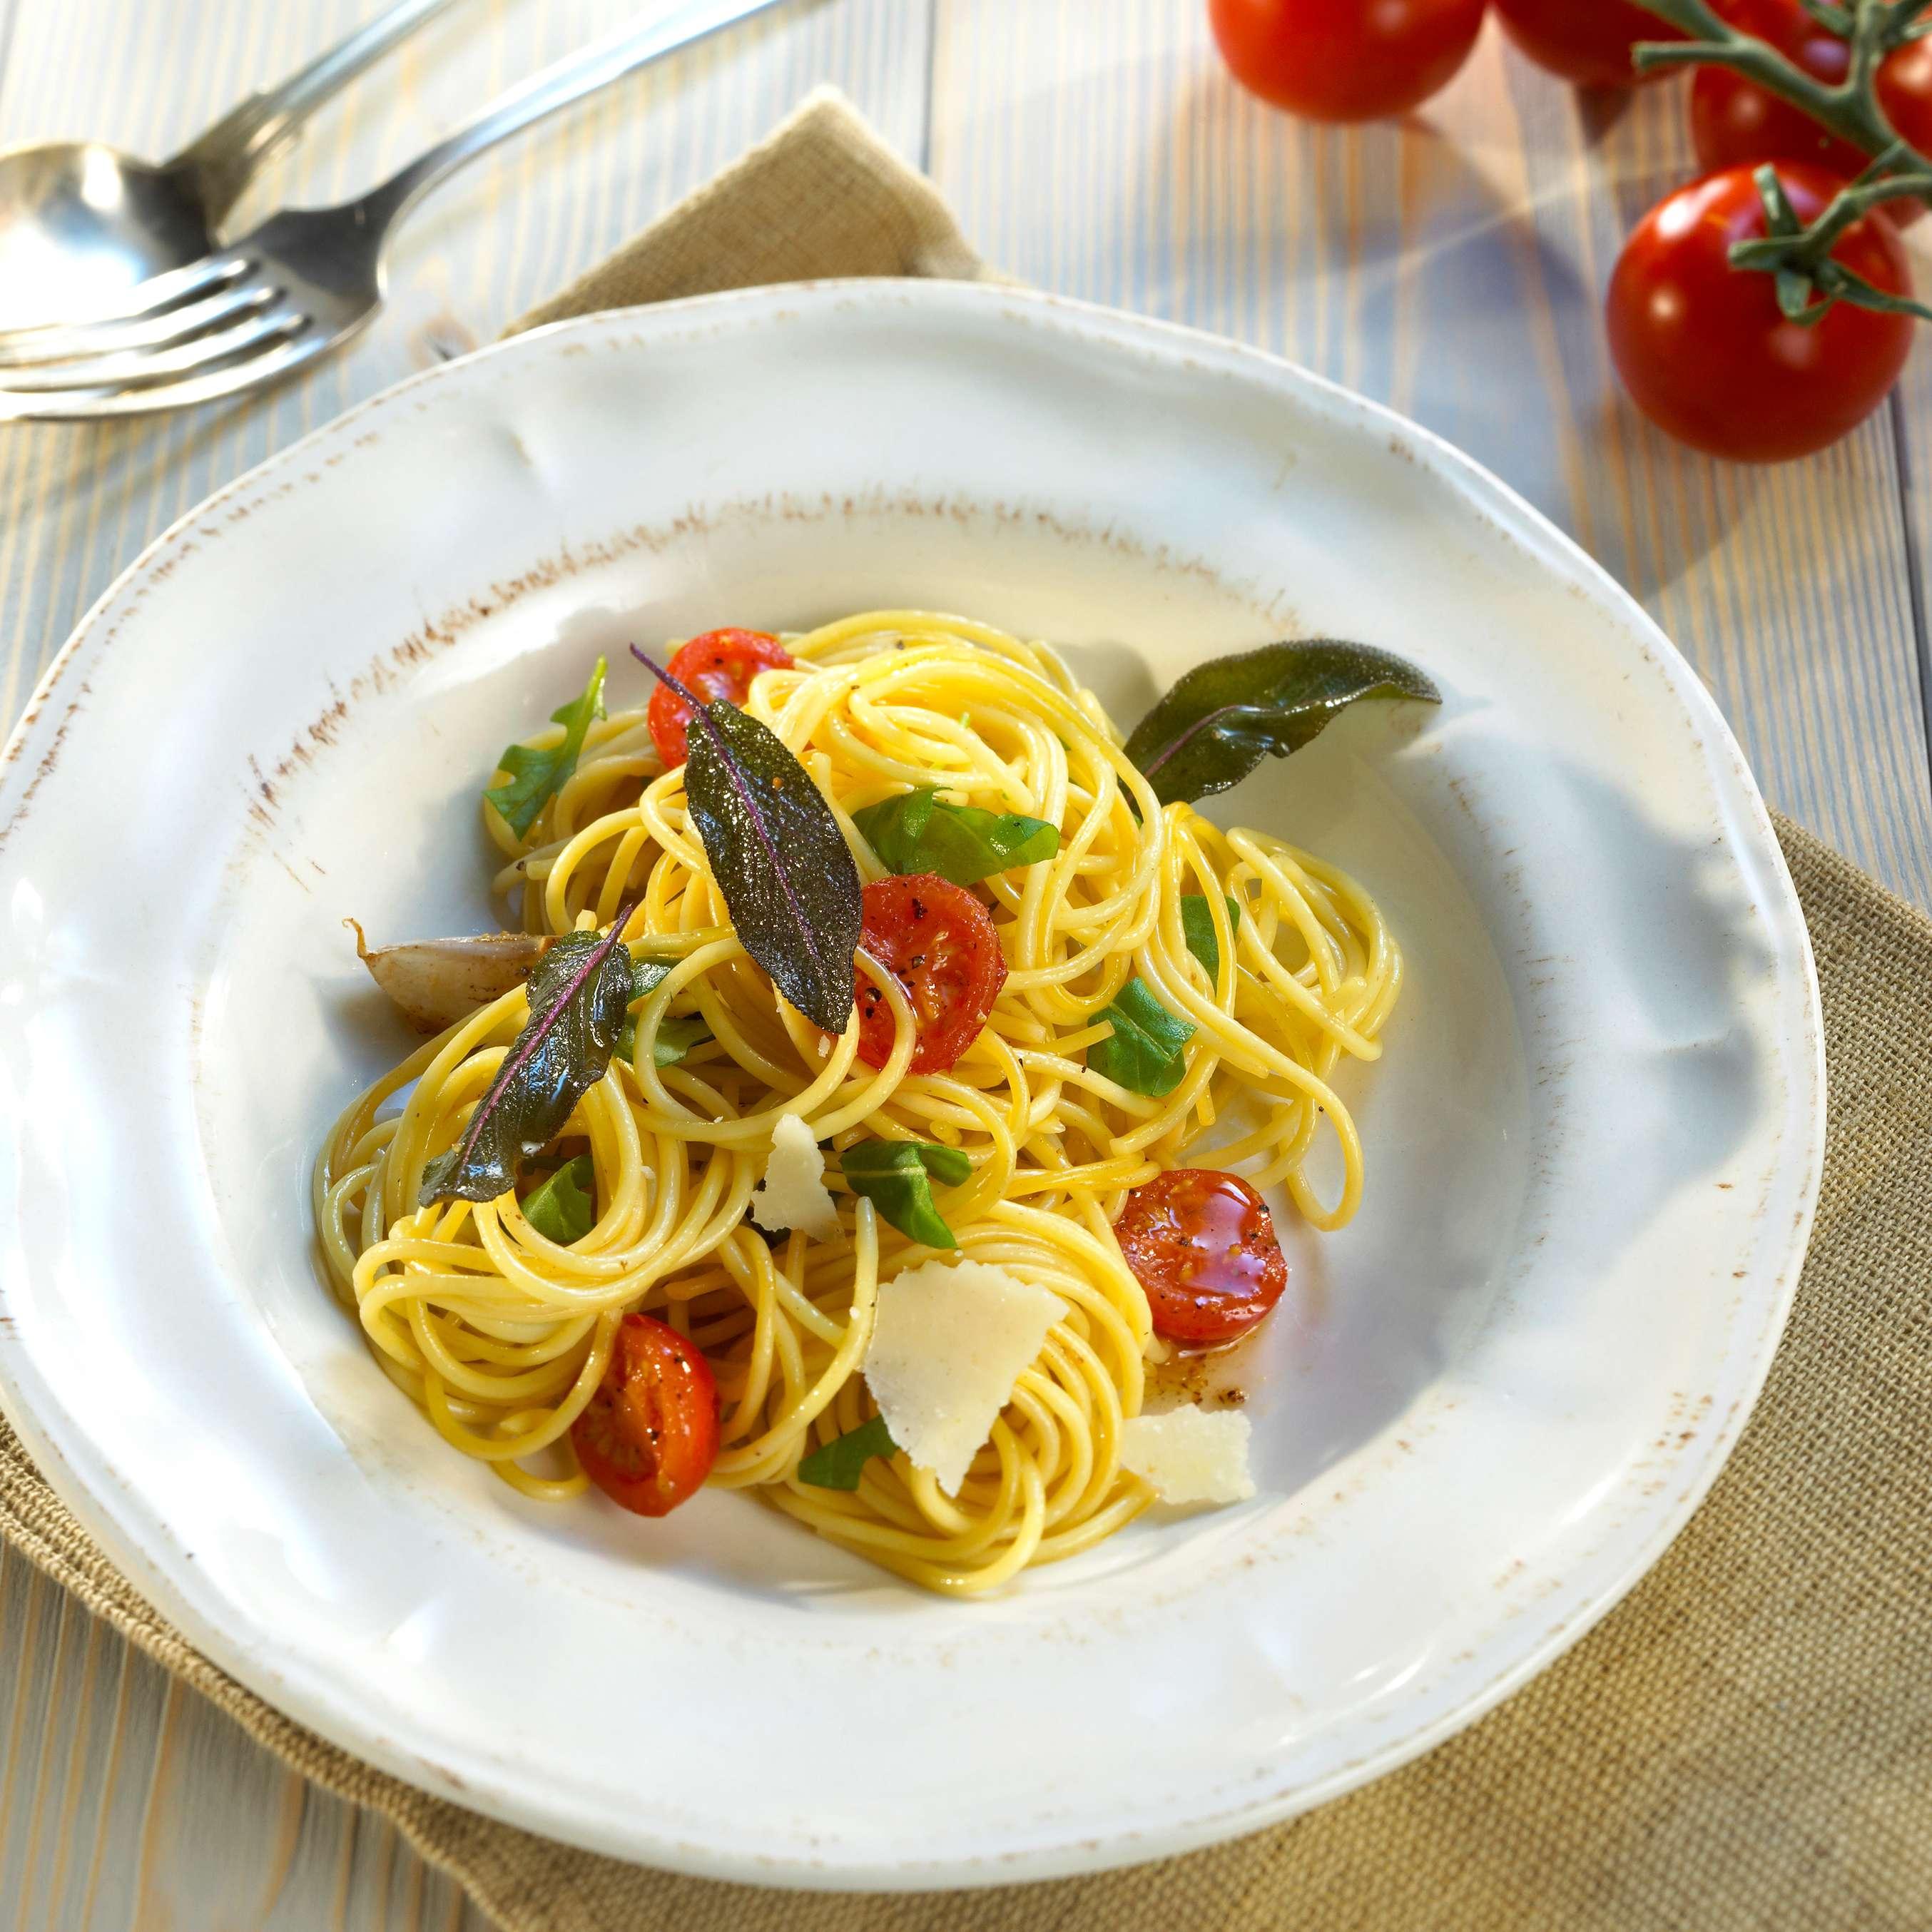 rezept f r spaghetti mit salbei und tomaten kaufland. Black Bedroom Furniture Sets. Home Design Ideas